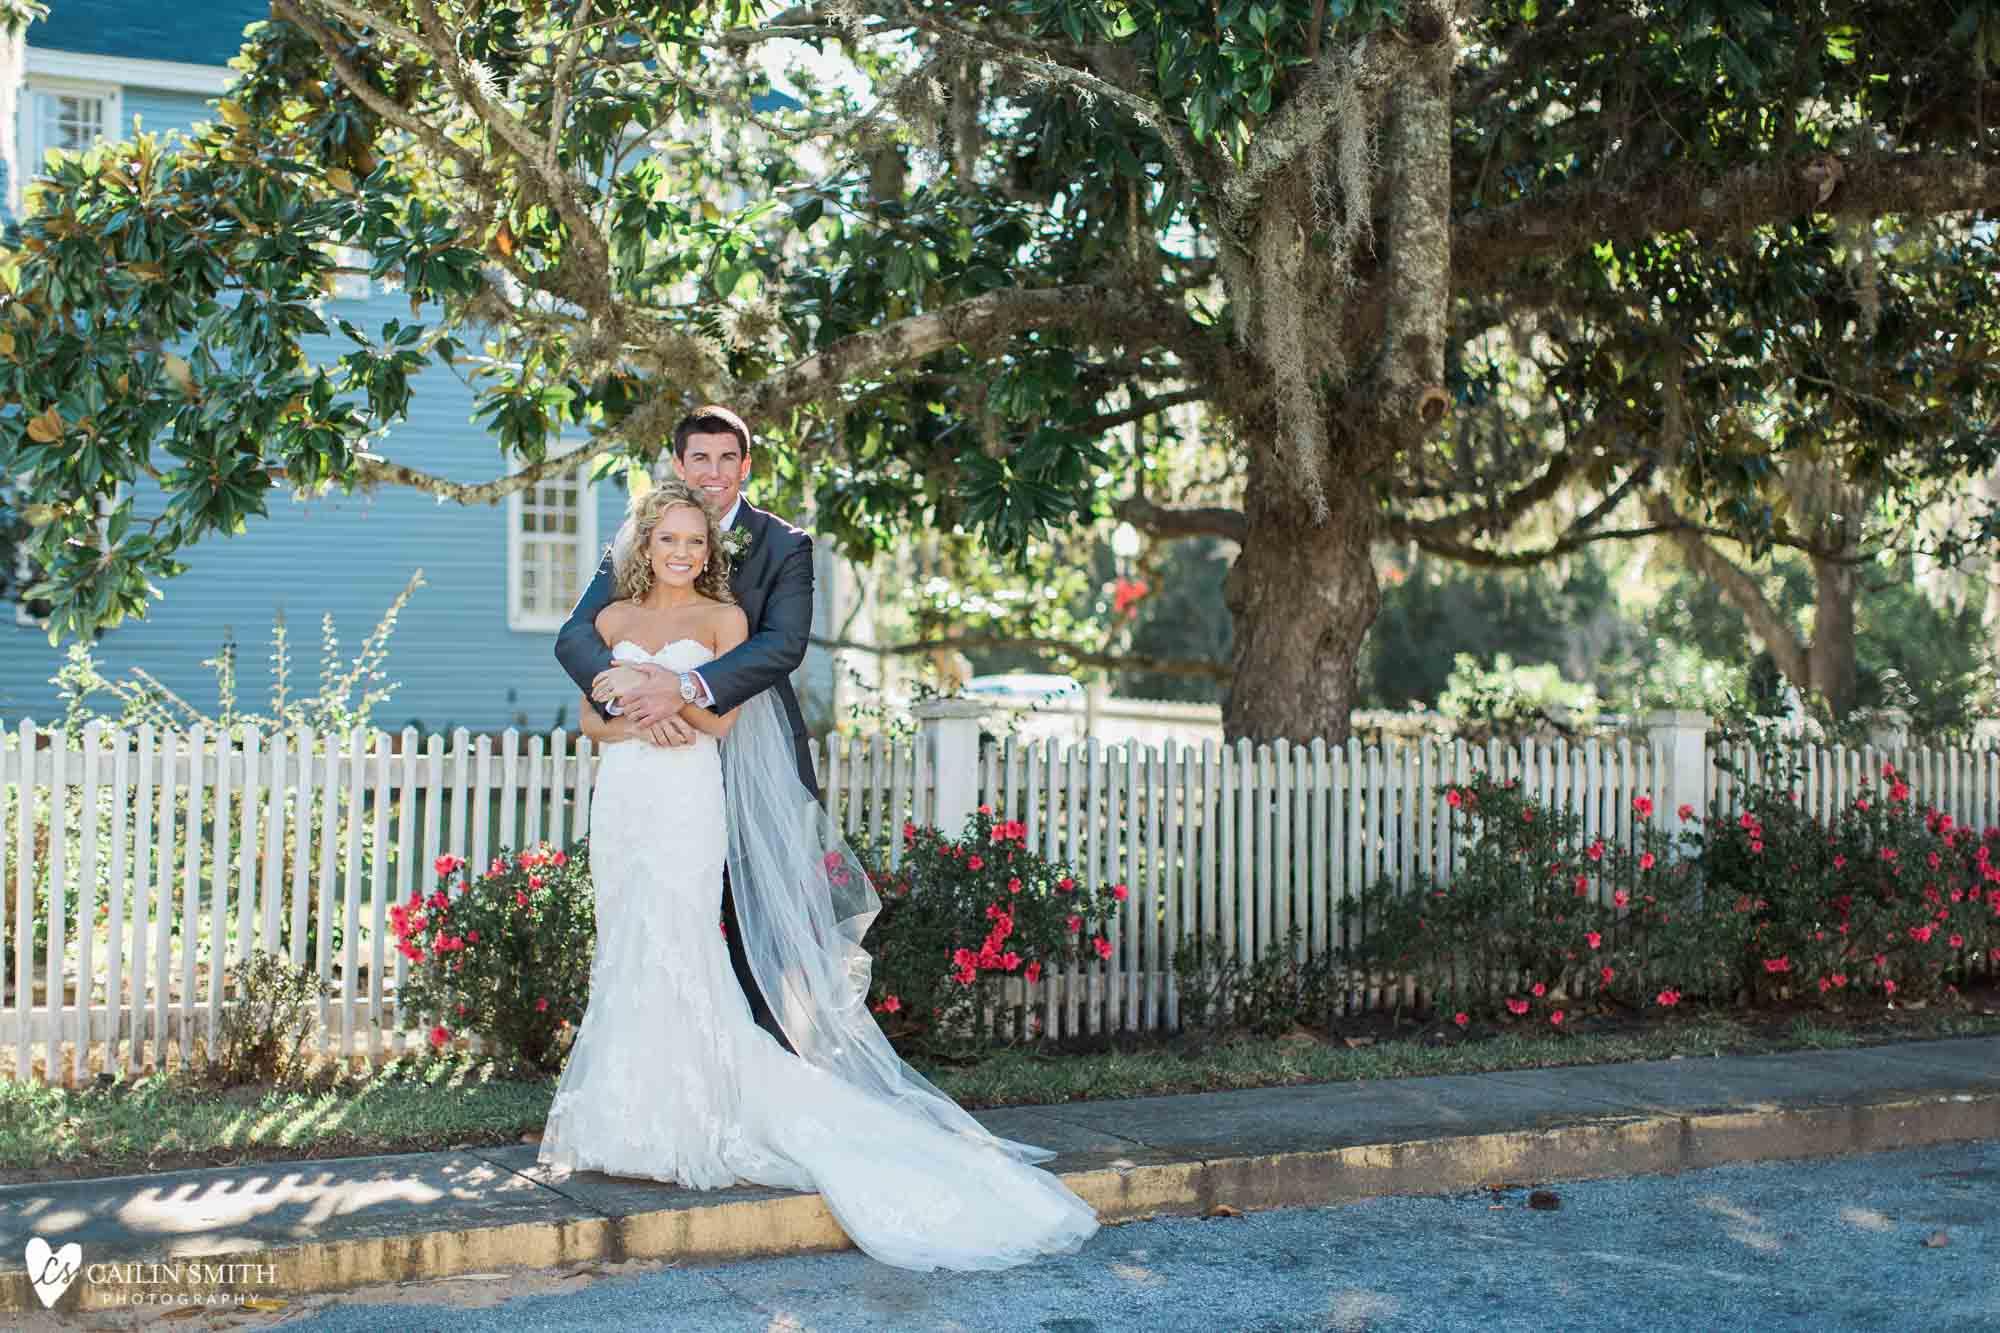 Leah_Major_St_Marys_Wedding_Photography_067.jpg